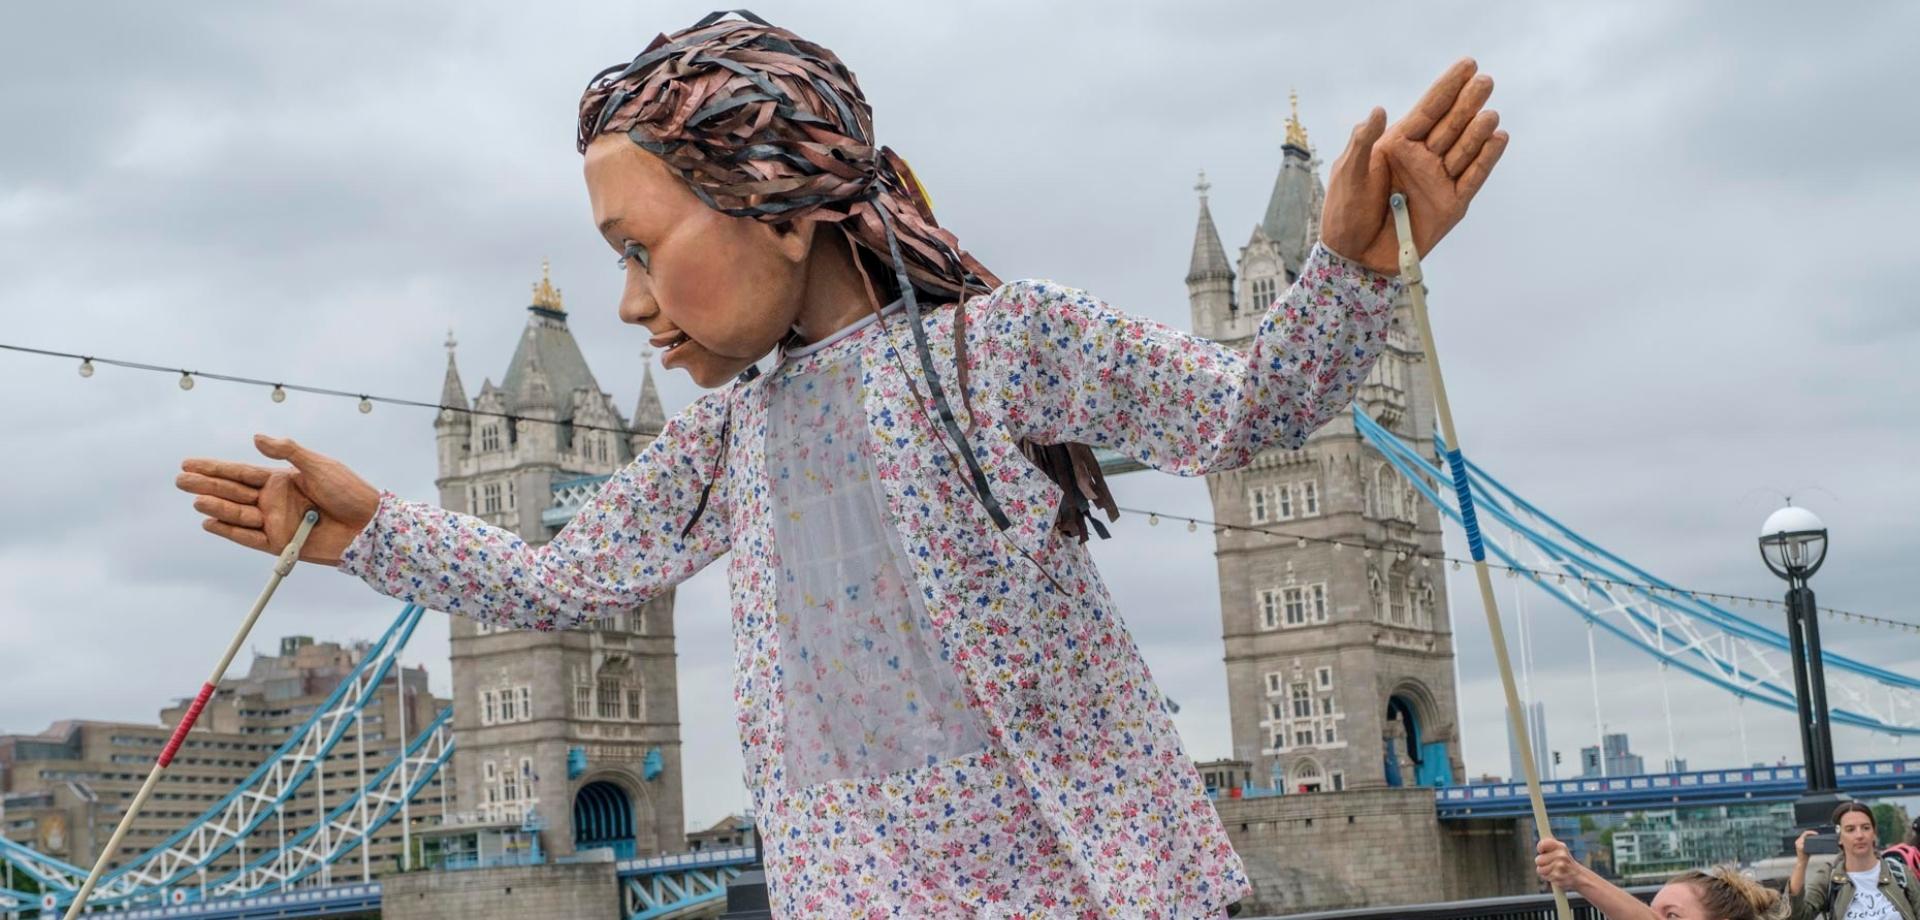 """Το Ταξίδι» με τη Μικρή Αμάλ: Μια τεράστια κούκλα θα διασχίσει την Τουρκία  και την Ευρώπη στη νέα θεατρική παραγωγή των δημιουργών του """"The Jungle"""" -  ελcblog - Θέατρο - Χορός - elculture.gr"""